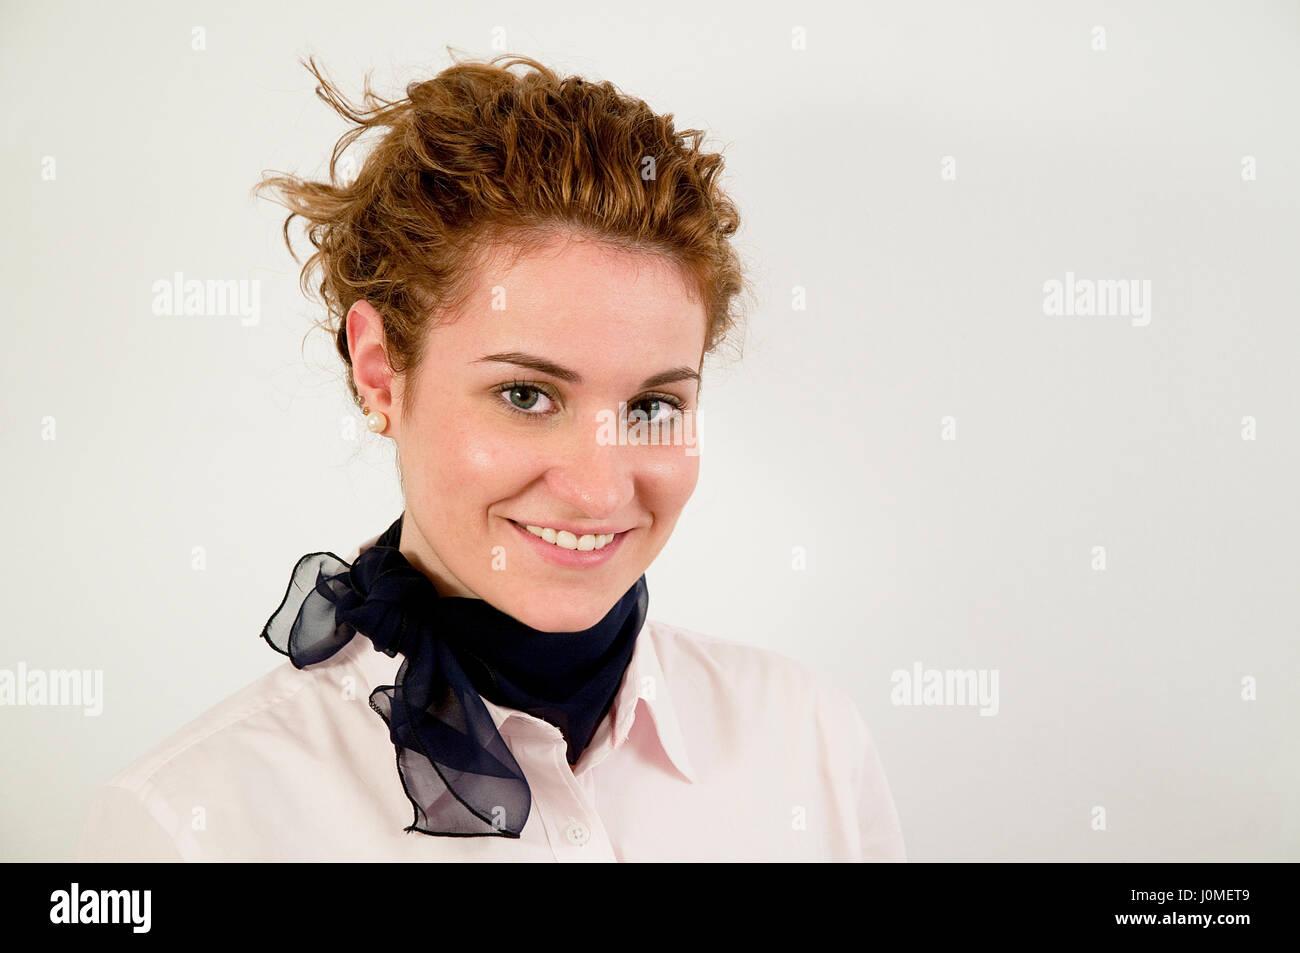 Aria attraente hostess sorridente e guardando la telecamera. Immagini Stock